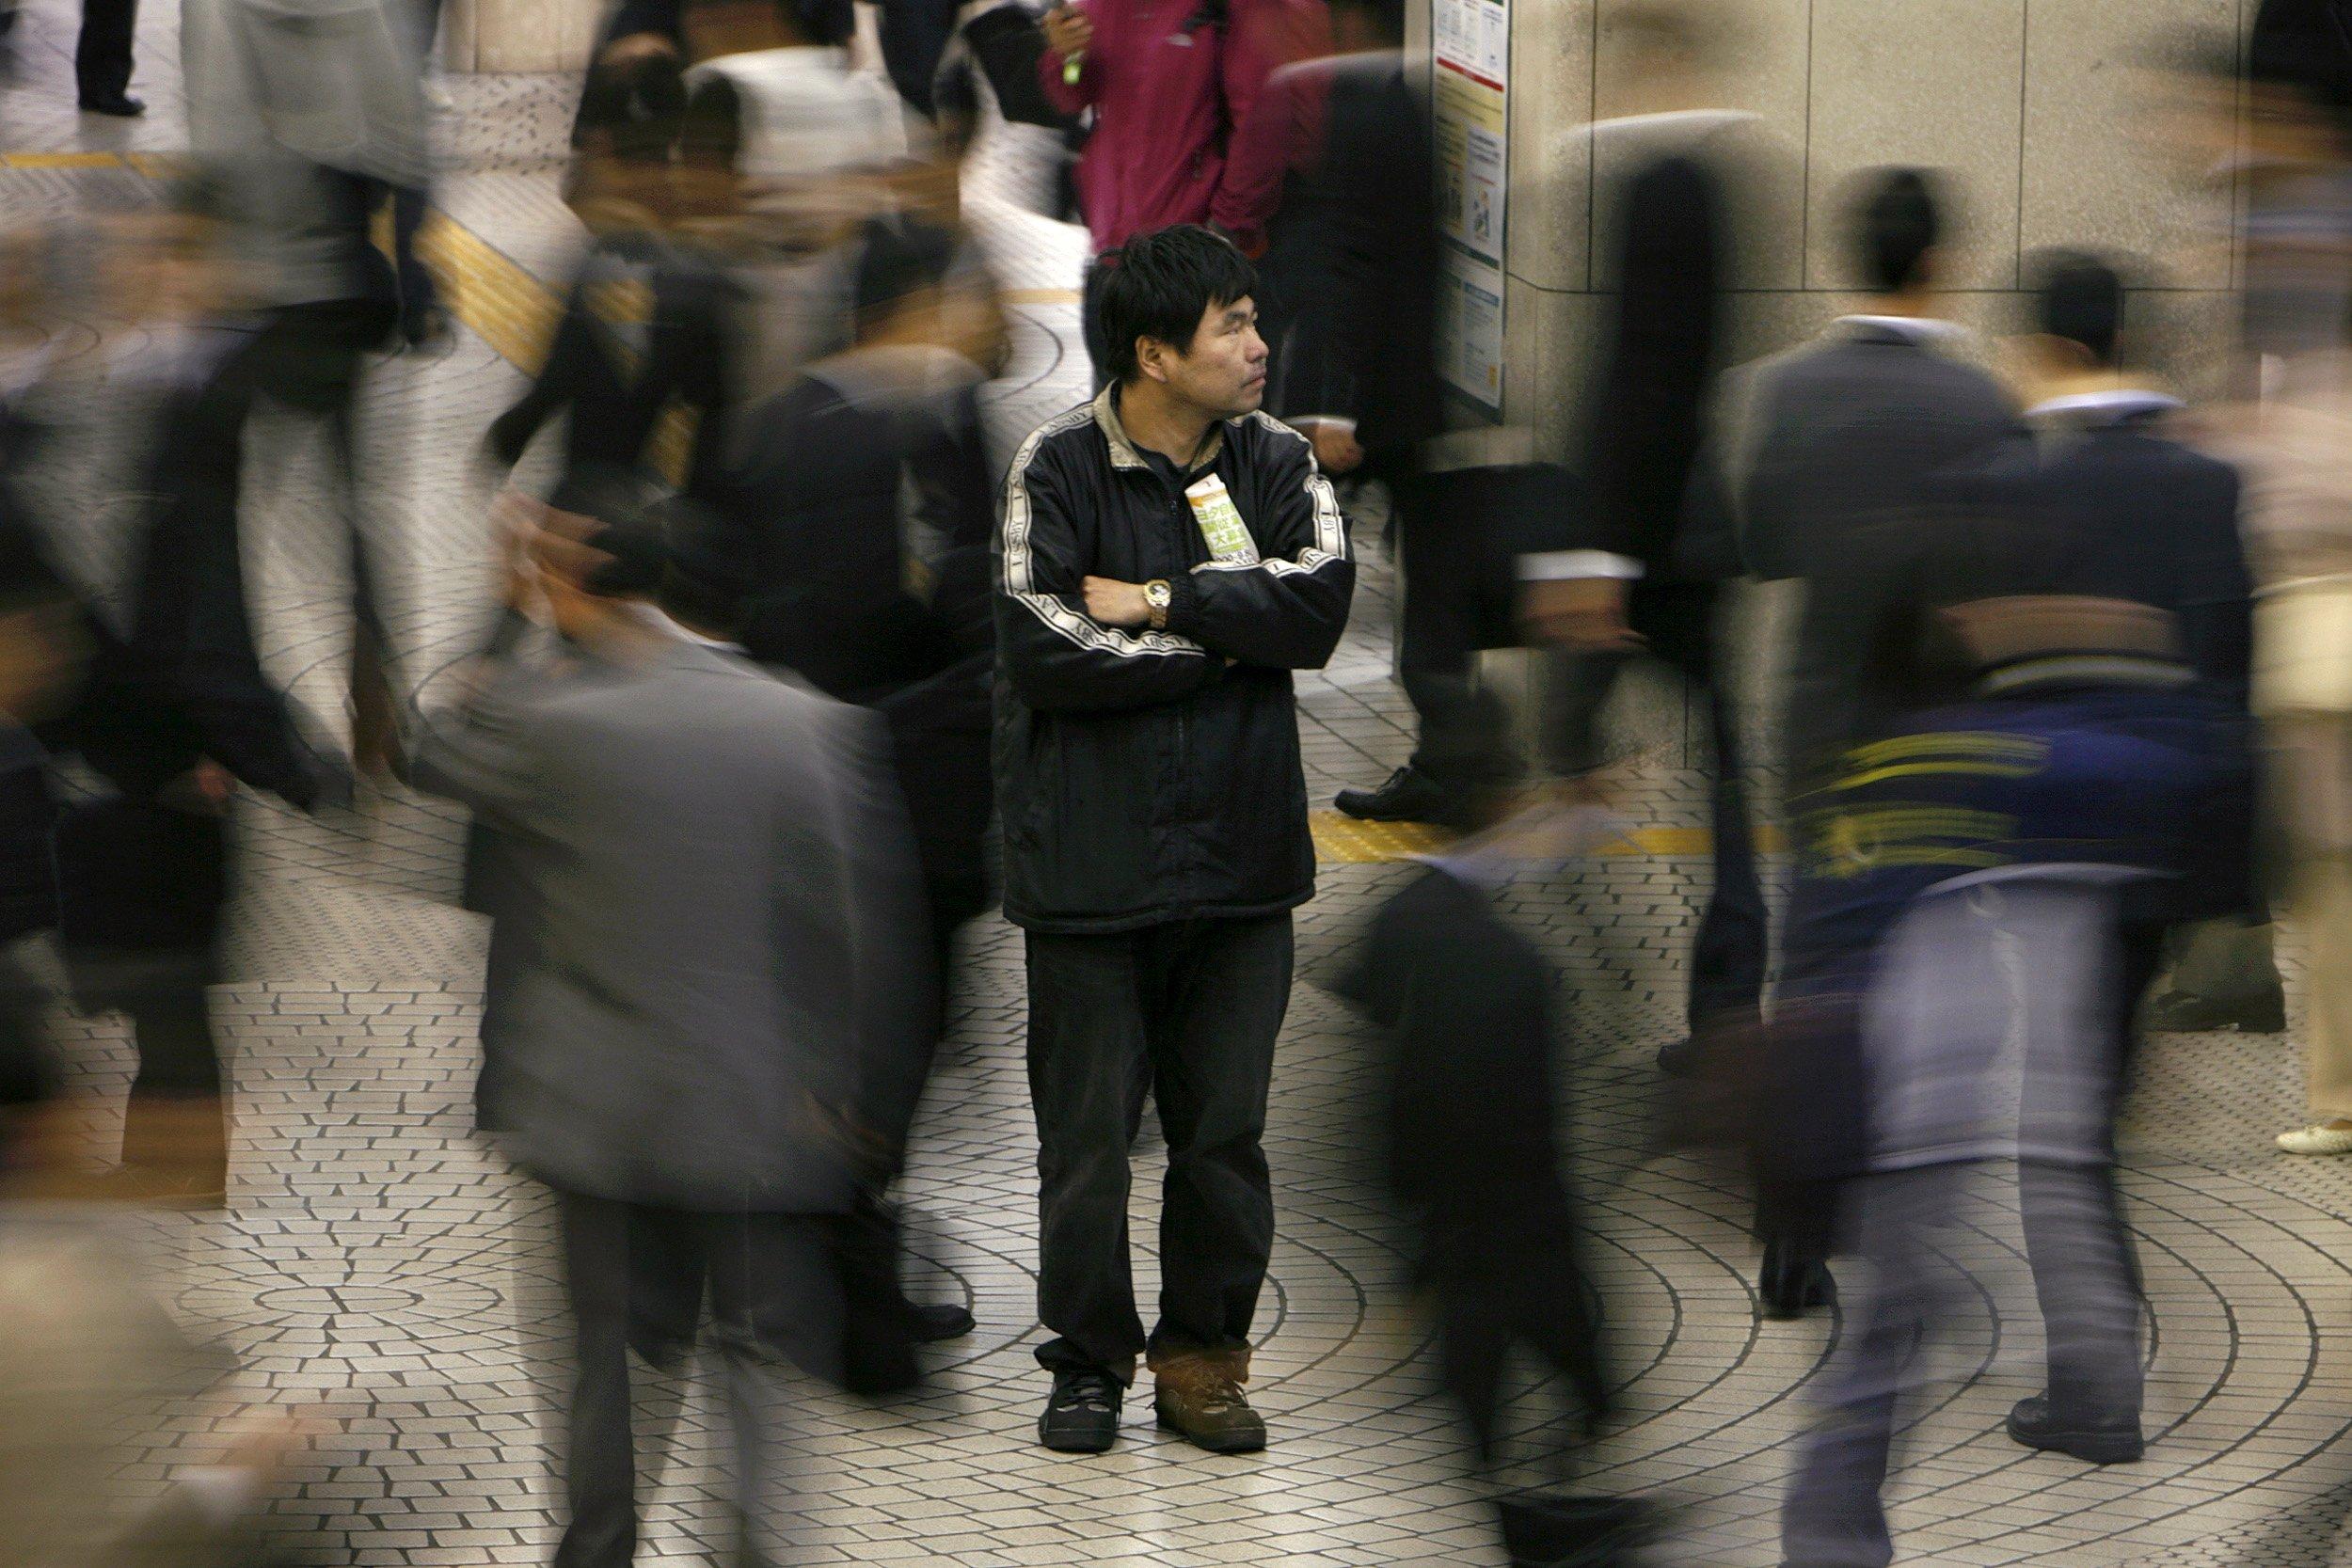 Japanese at Shinjuku station